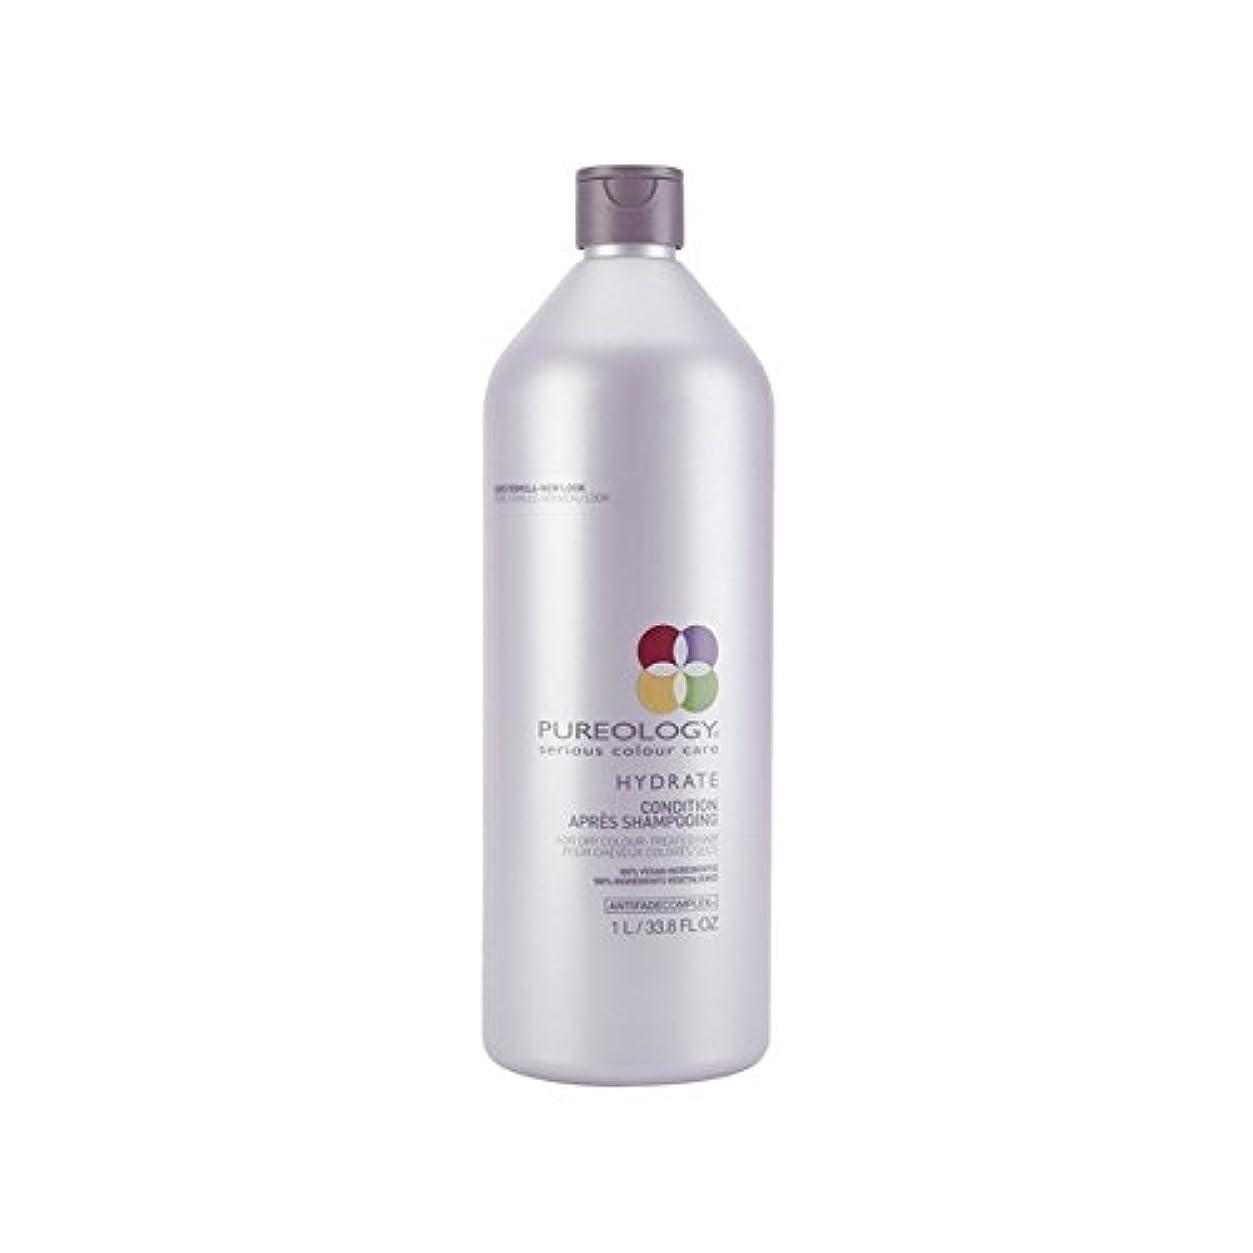 連想疑い者バーチャルPureology Pure Hydrate Conditioner (1000ml) (Pack of 6) - 純粋な水和物コンディショナー(千ミリリットル) x6 [並行輸入品]